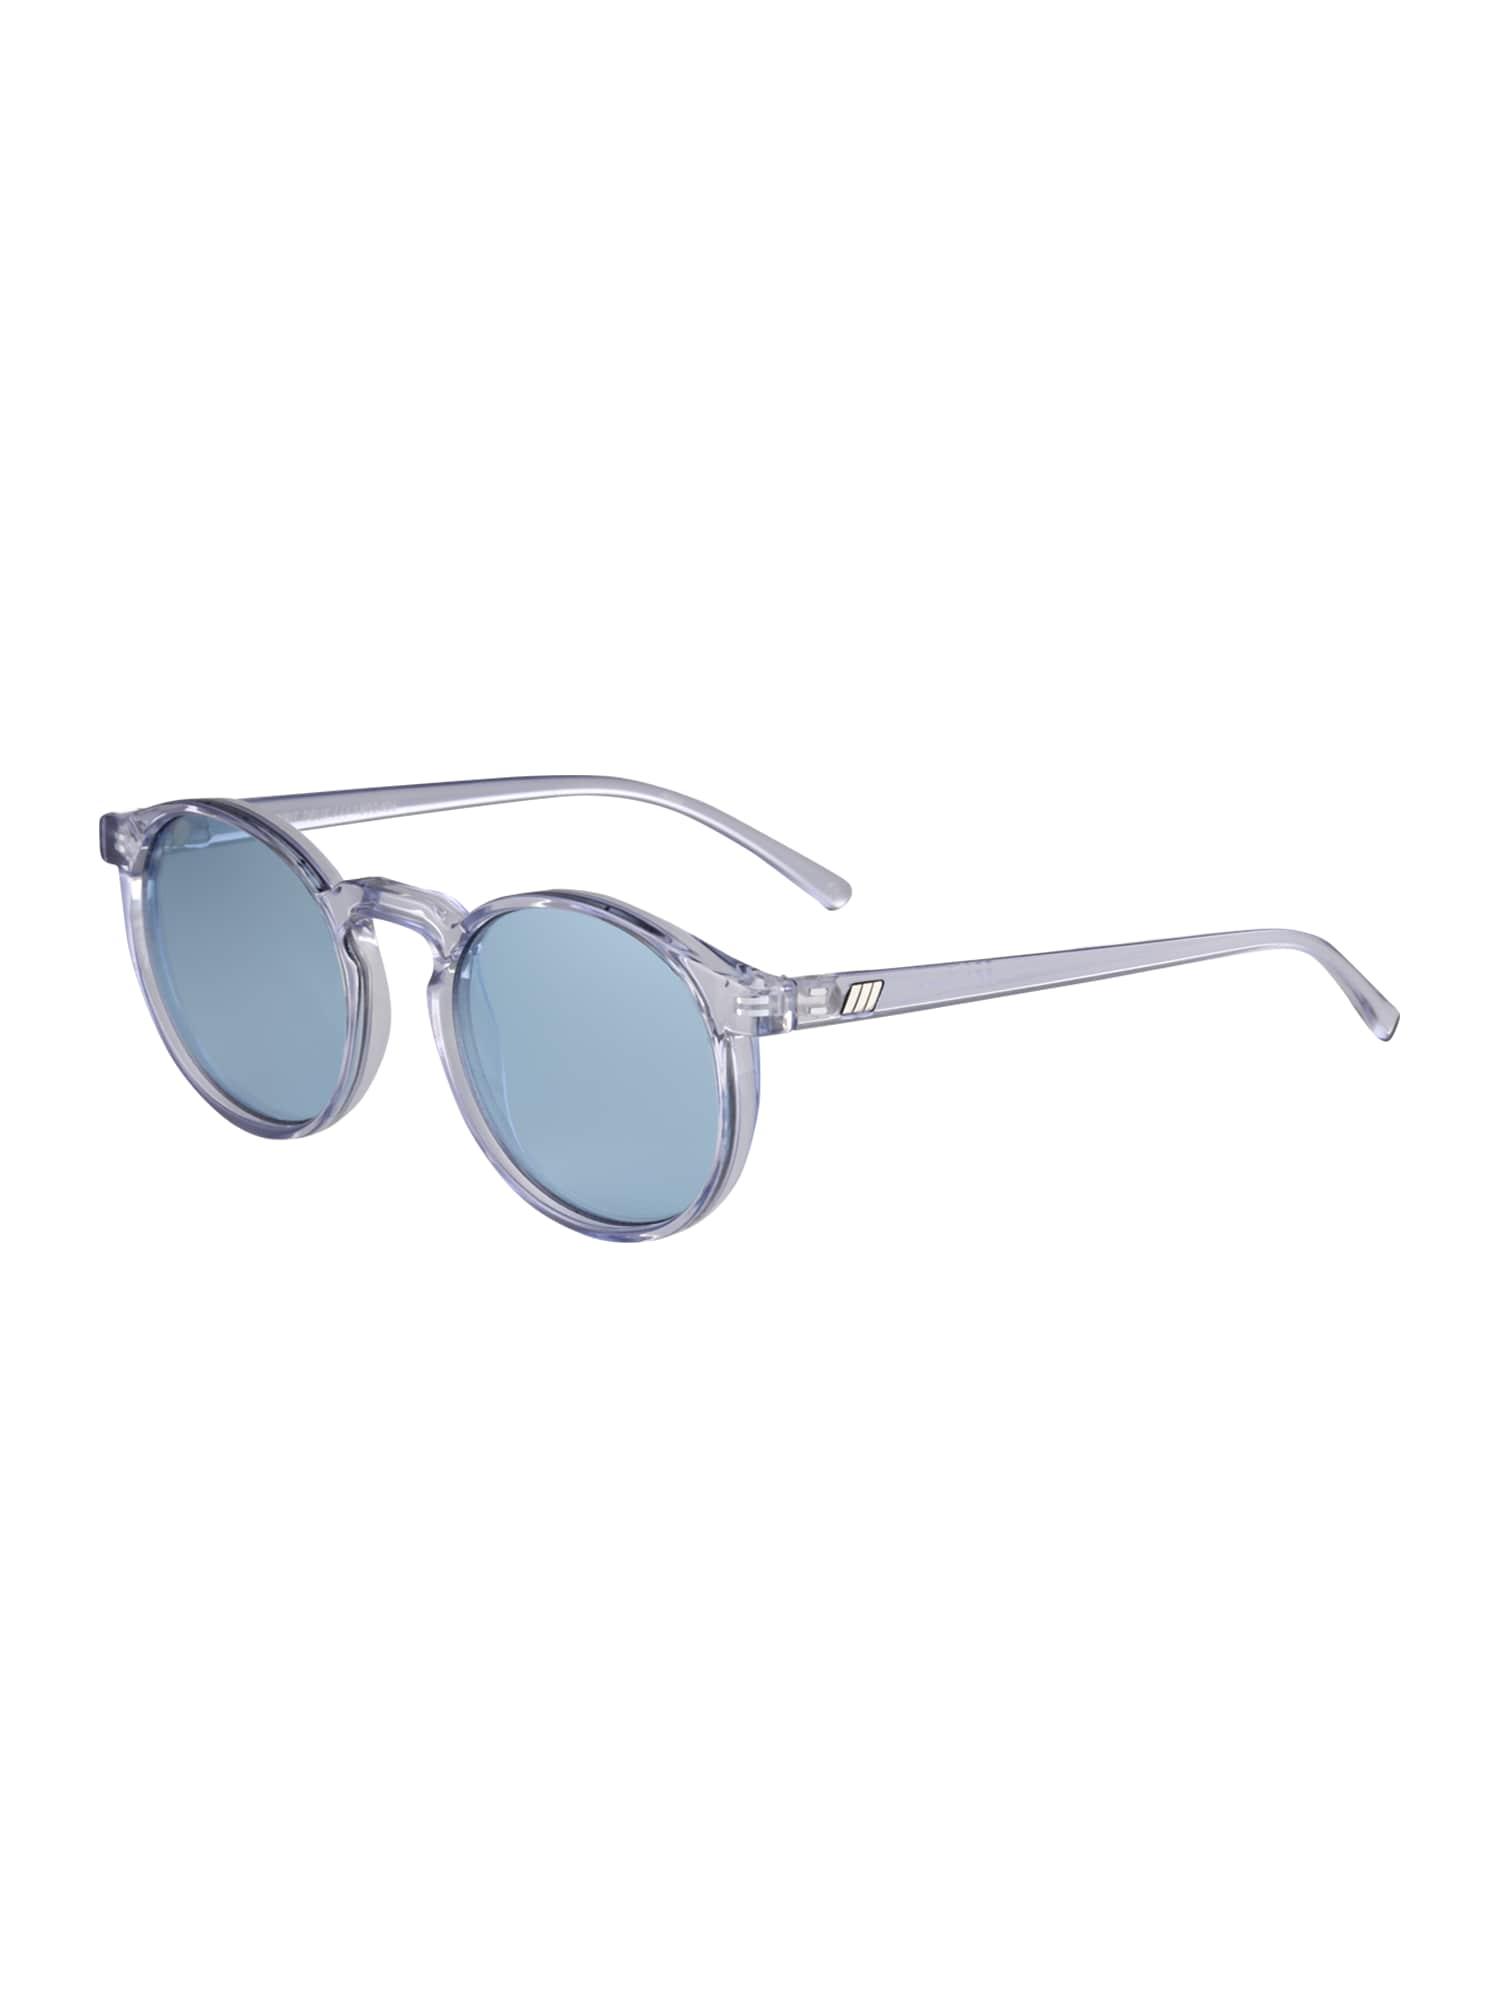 Sluneční brýle TEEN SPIRIT DEUX modrá bílá LE SPECS